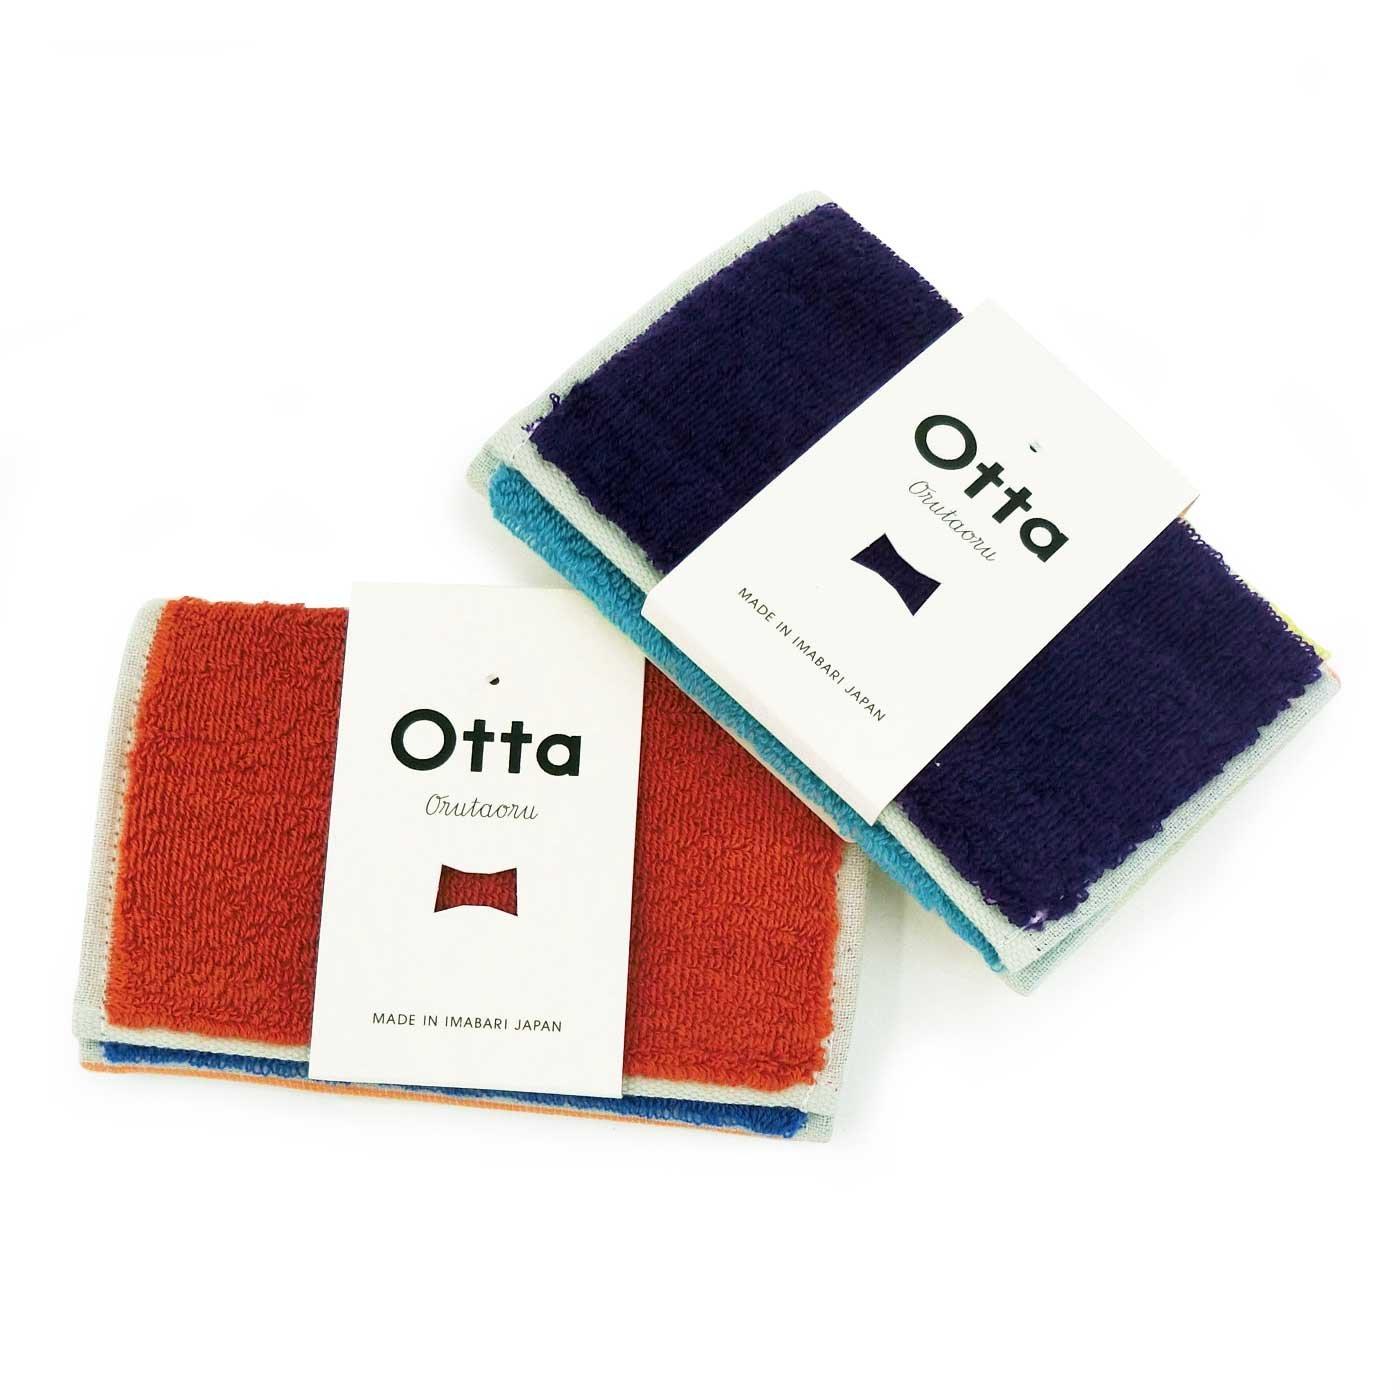 さすが今治タオルの吸水性! ユニークな三つ折りスマートハンカチ「Otta」2枚セット